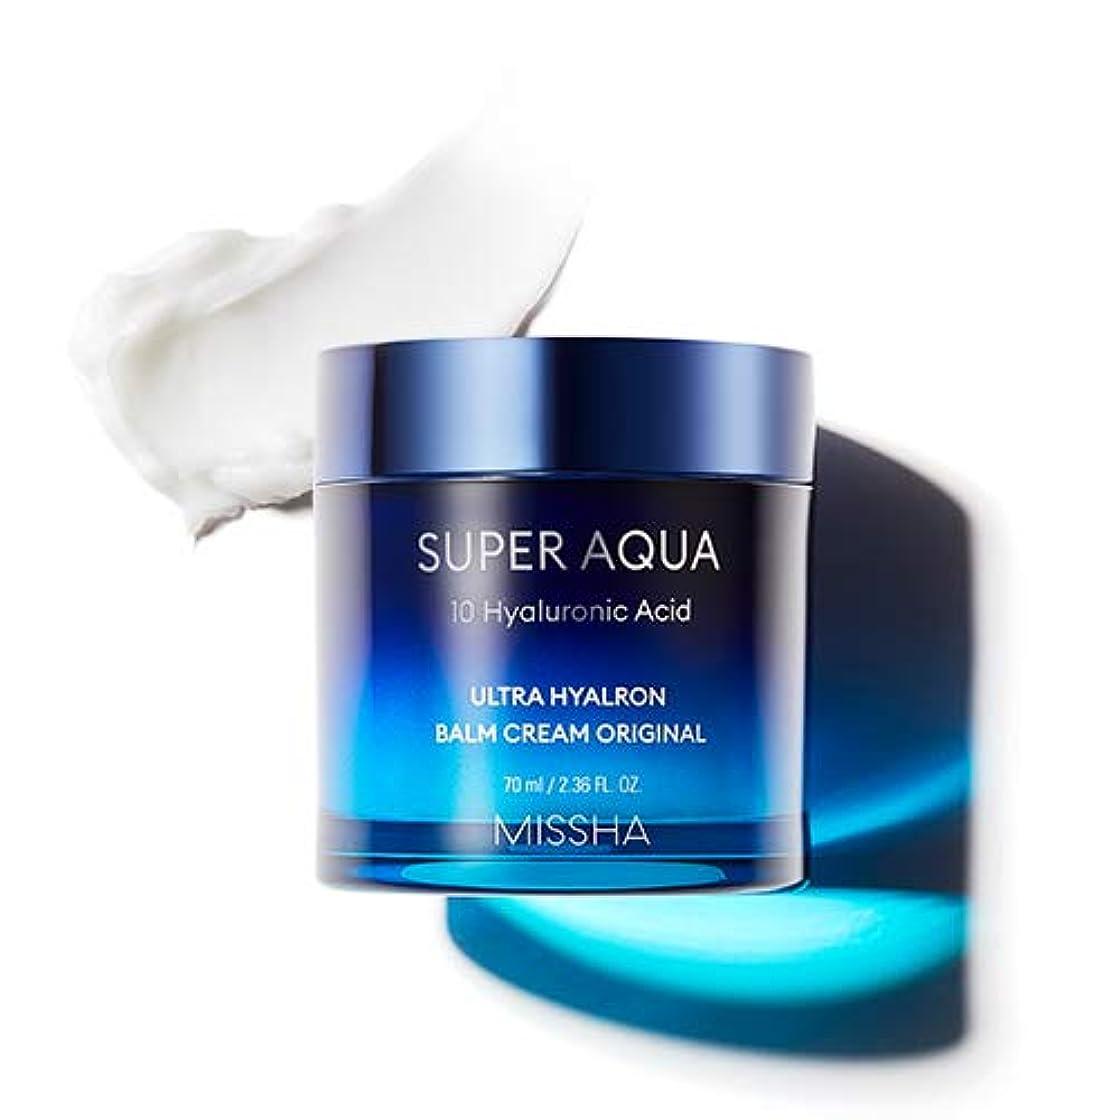 おじいちゃん物思いにふけるトラブルMISSHA Super Aqua Ultra Hyalron Balm Cream Original ミシャ スーパーアクア ウルトラ ヒアルロン バーム クリーム オリジナル 70ml [並行輸入品]